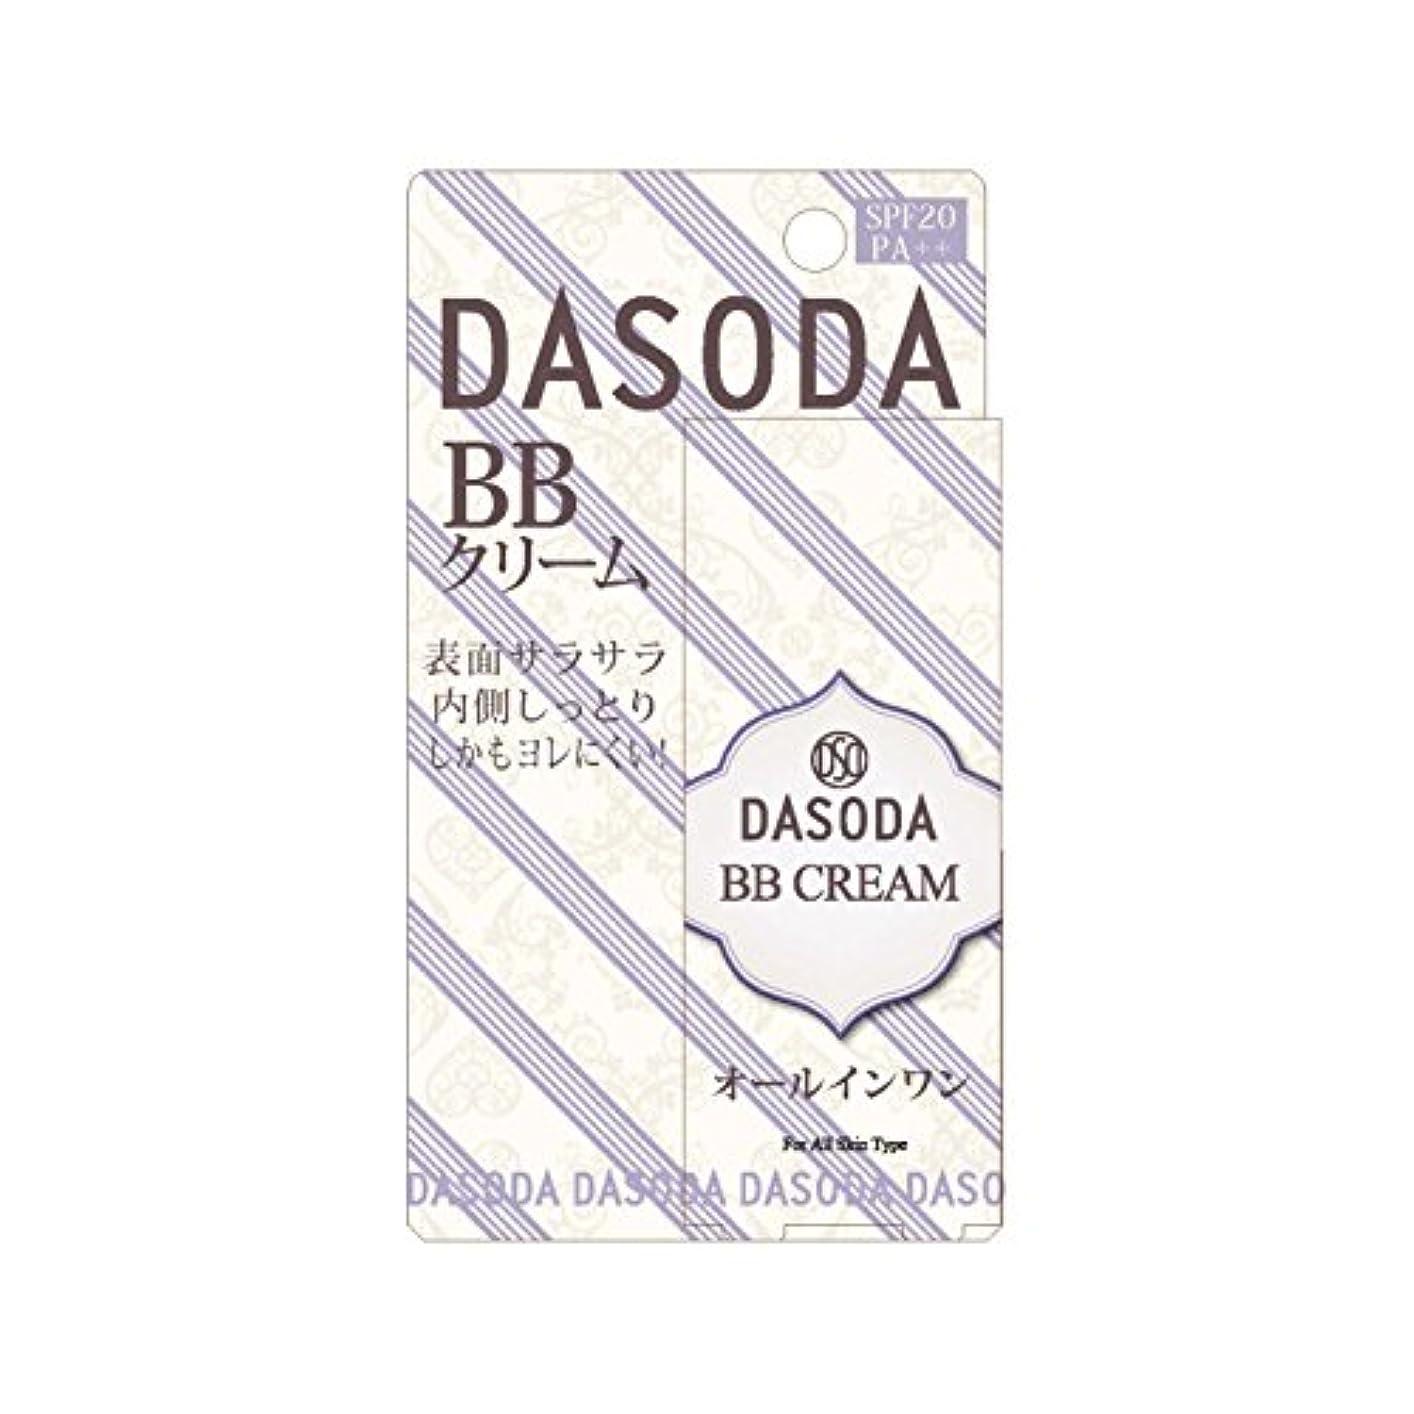 女王オン準備ダソダ エフシー BBクリーム 30g